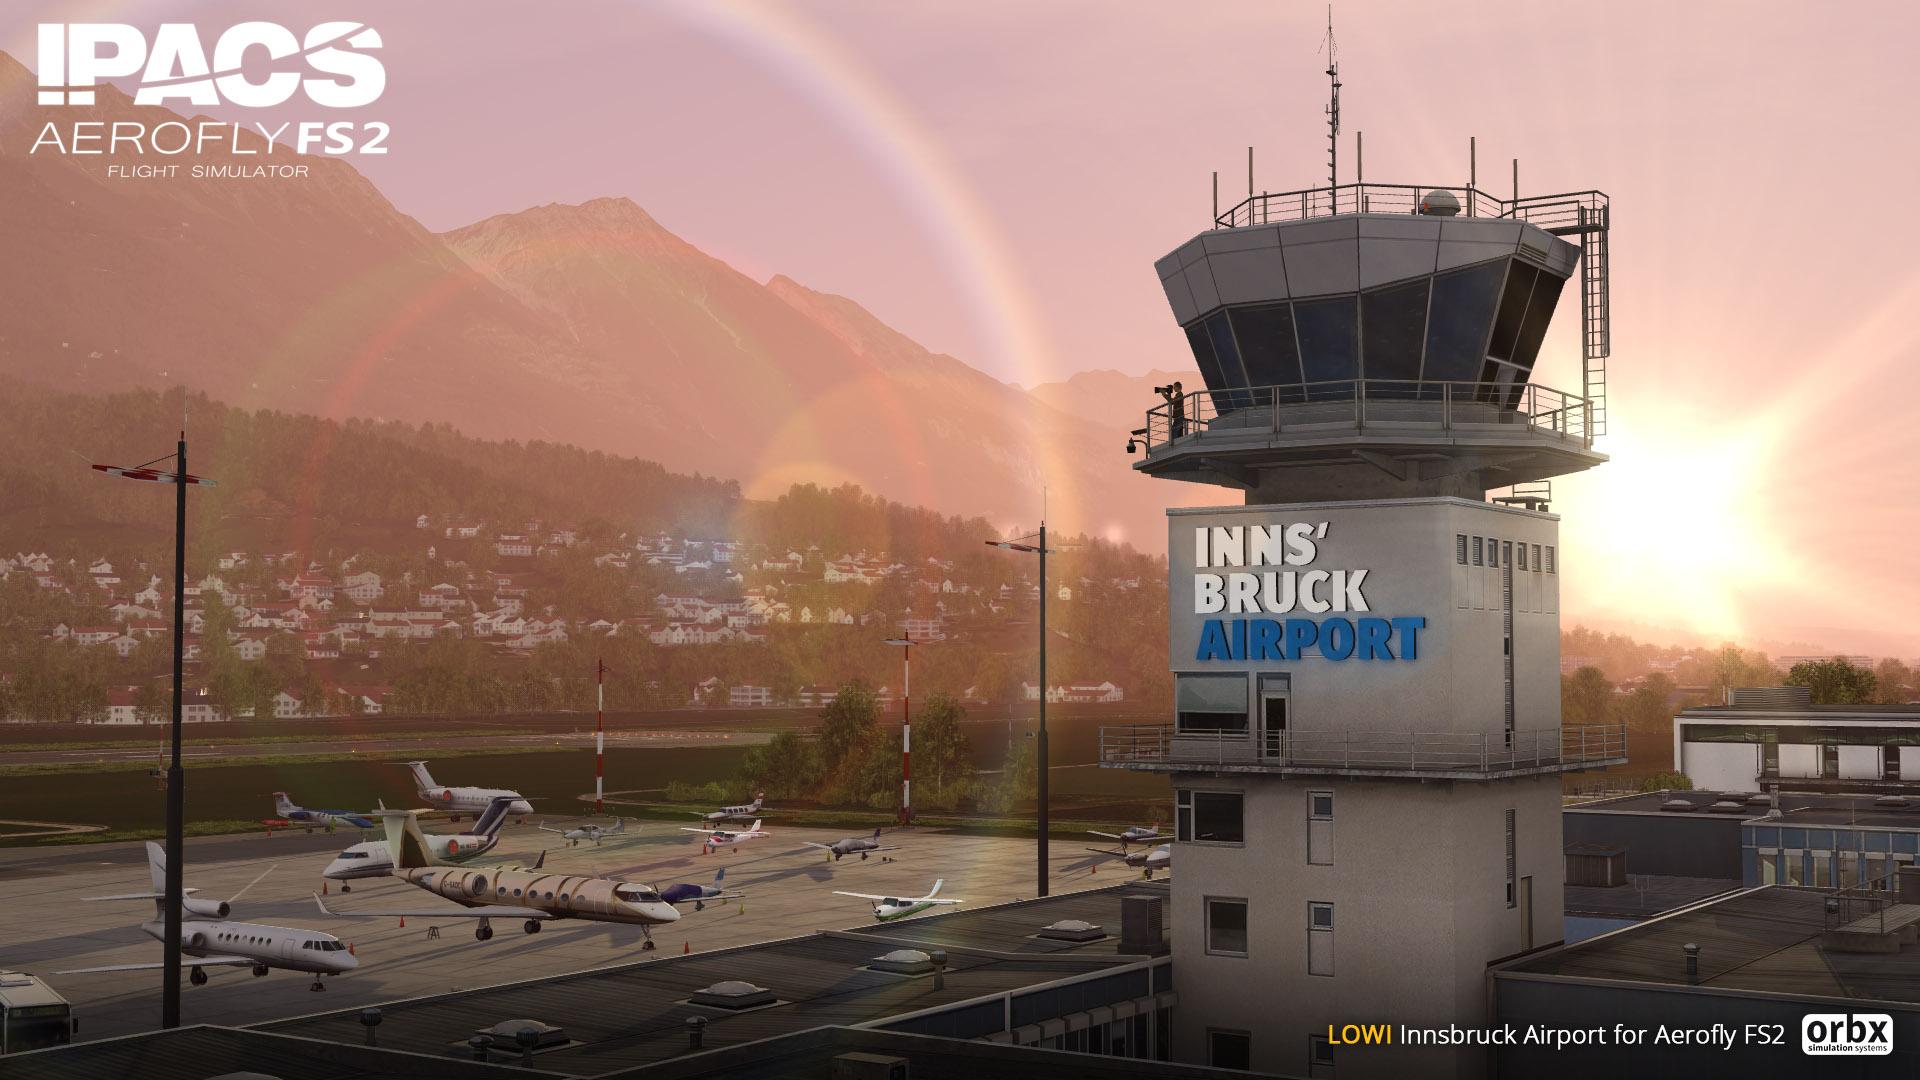 Innsbruck Aerofly Fs2 Orbx 6